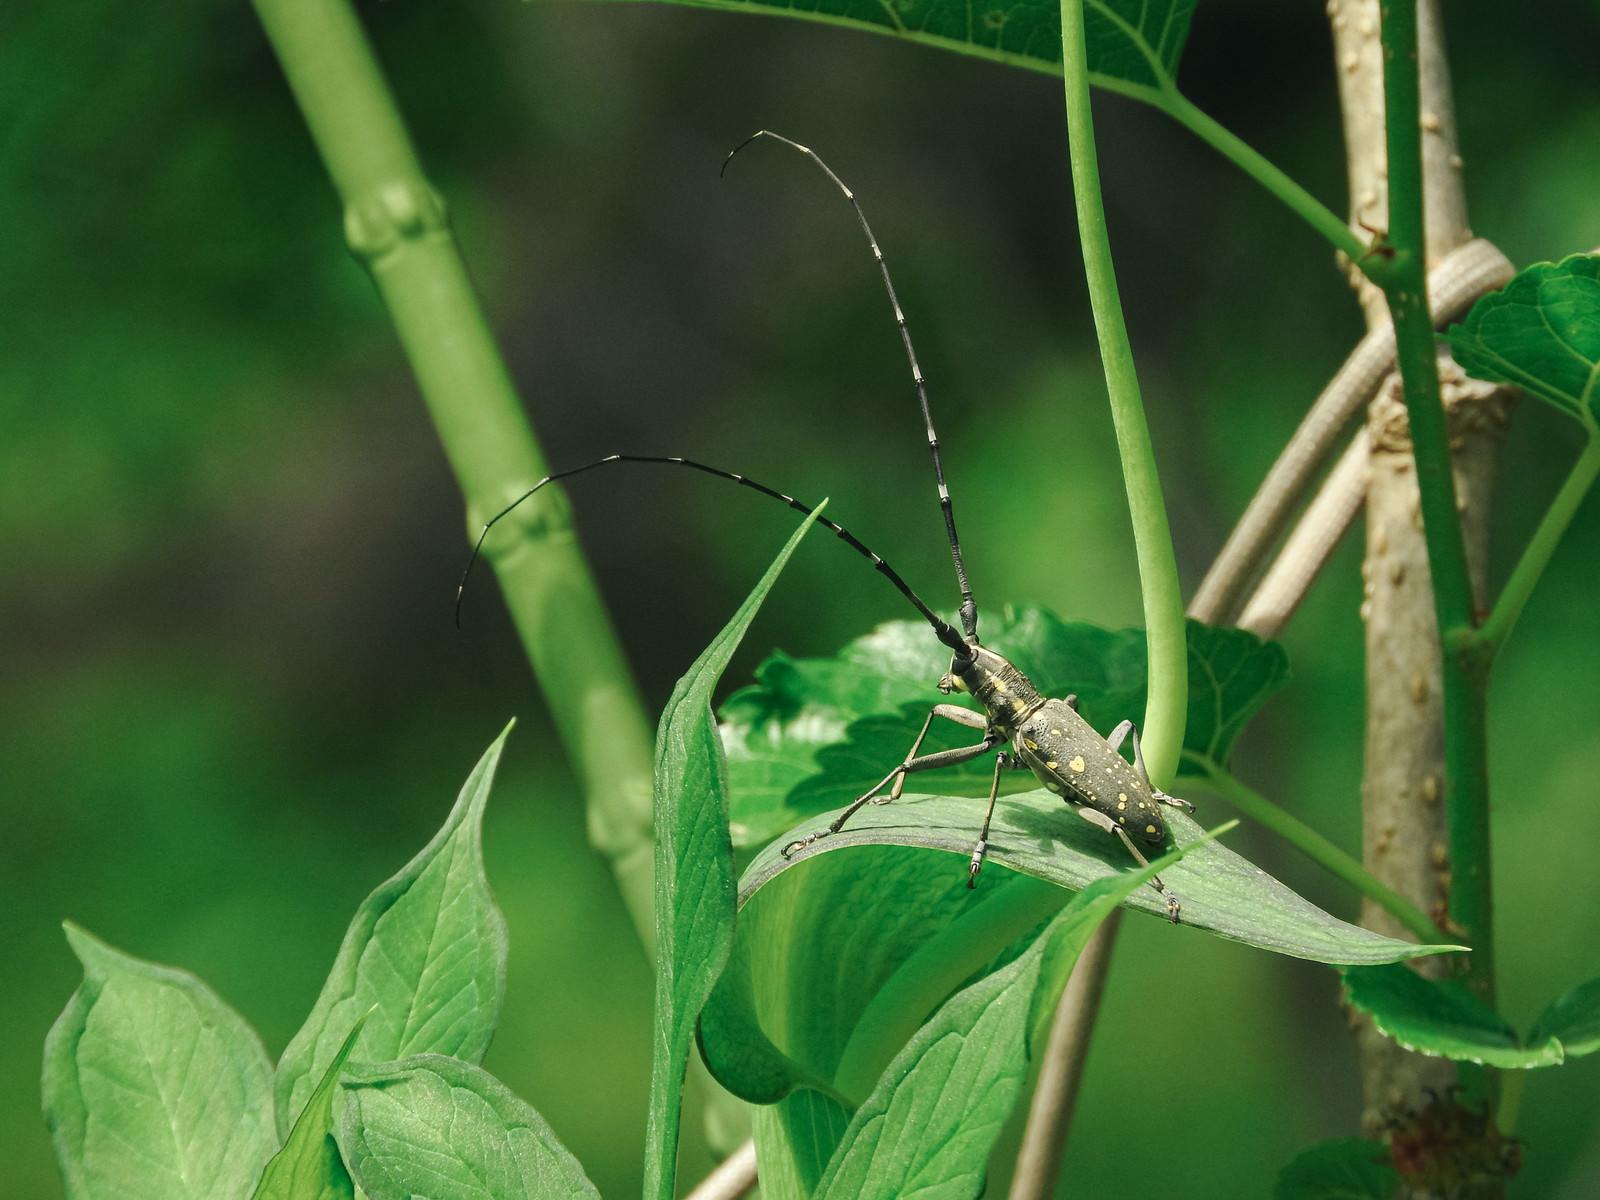 「草の上に器用に乗るキボシカミキリ(昆虫)」の写真